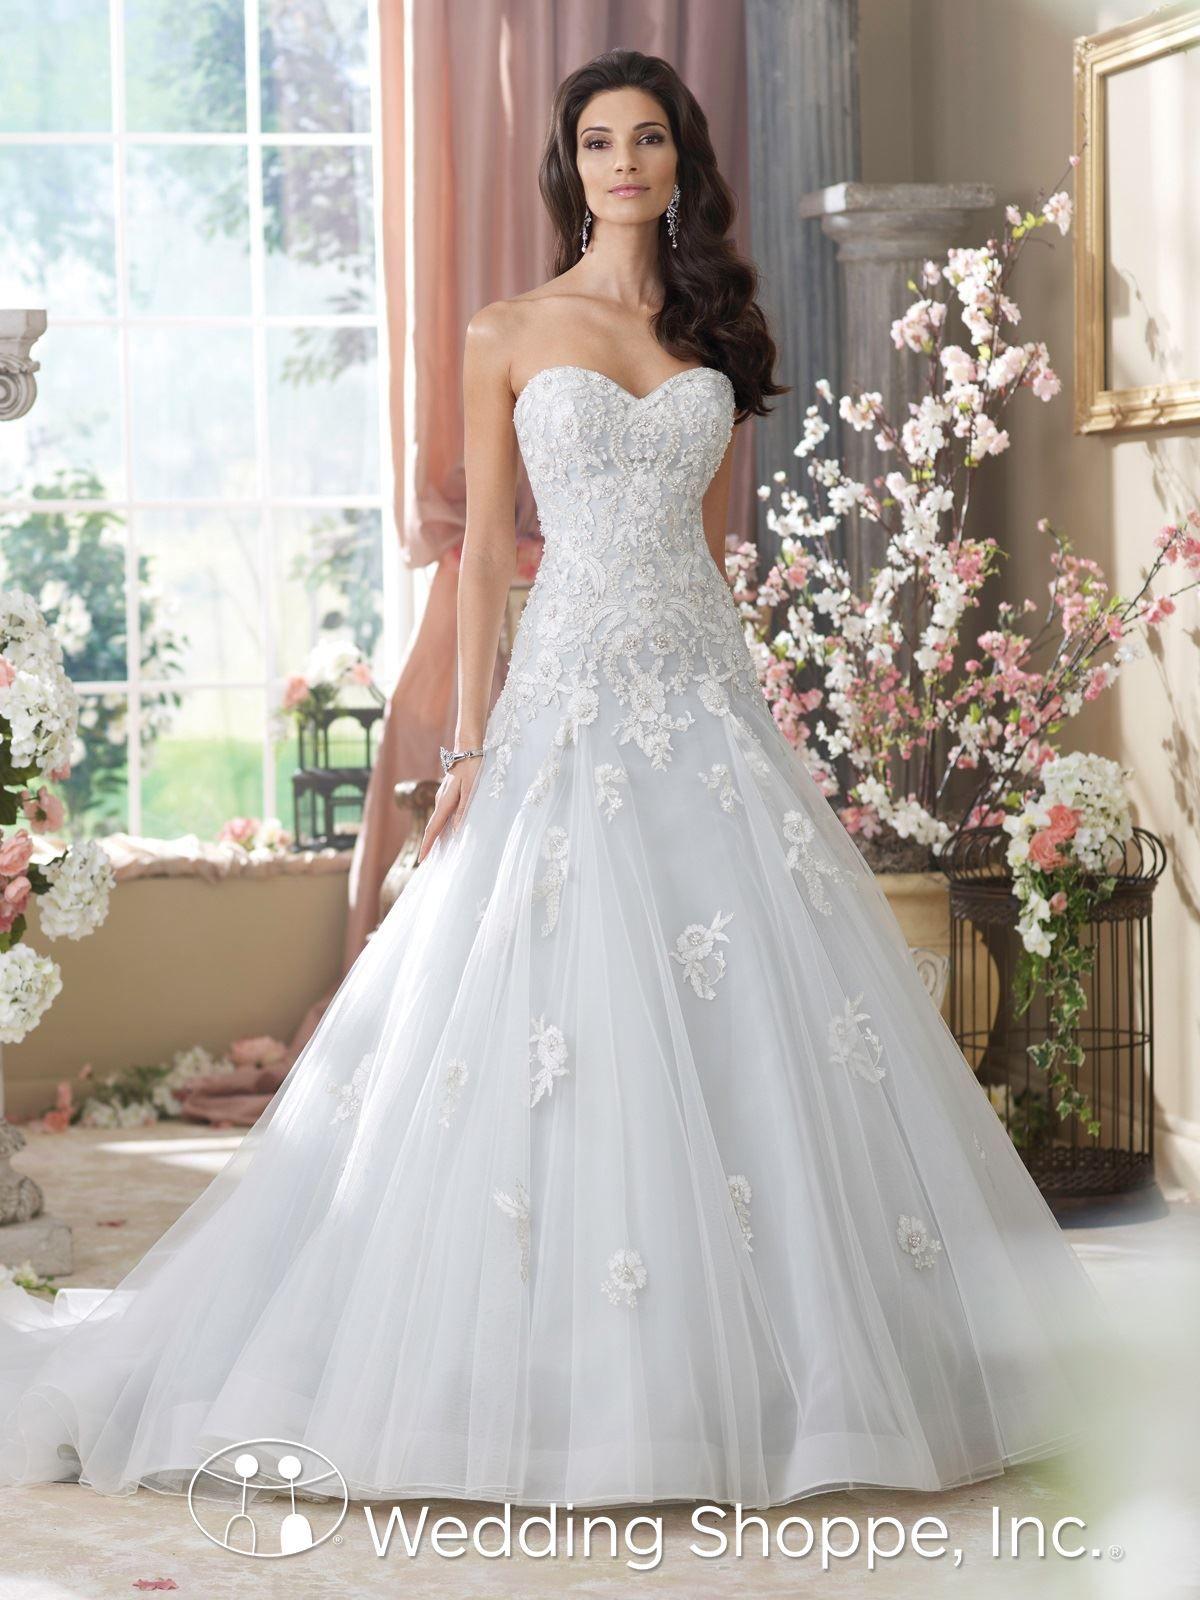 David tutera for mon cheri bridal gown kristi 214212 wedding david tutera for mon cheri bridal gown kristi 214212 junglespirit Image collections